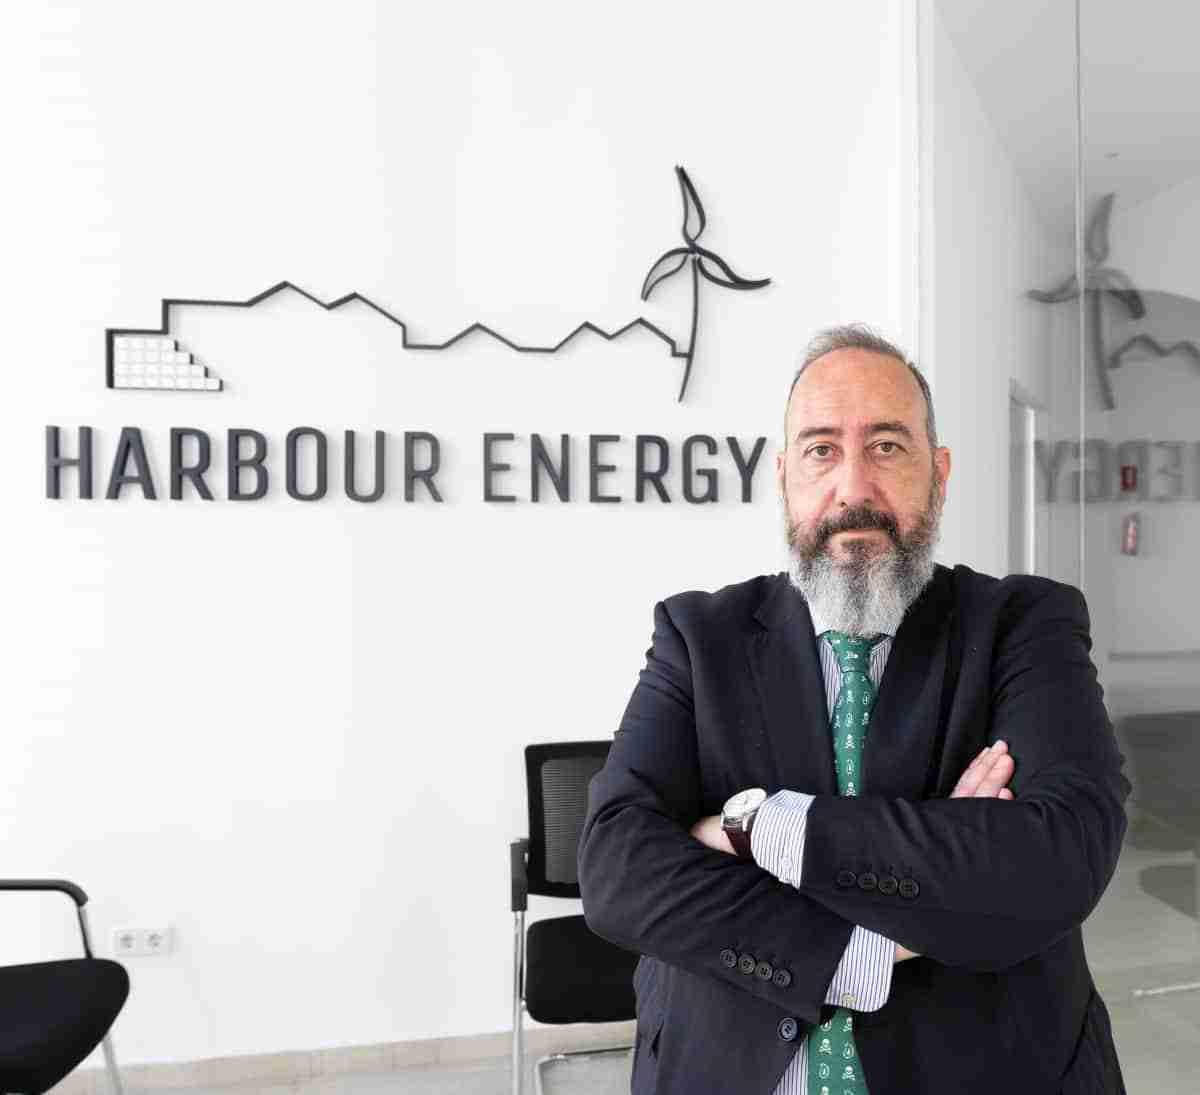 harbour energy impuestos la manchuela